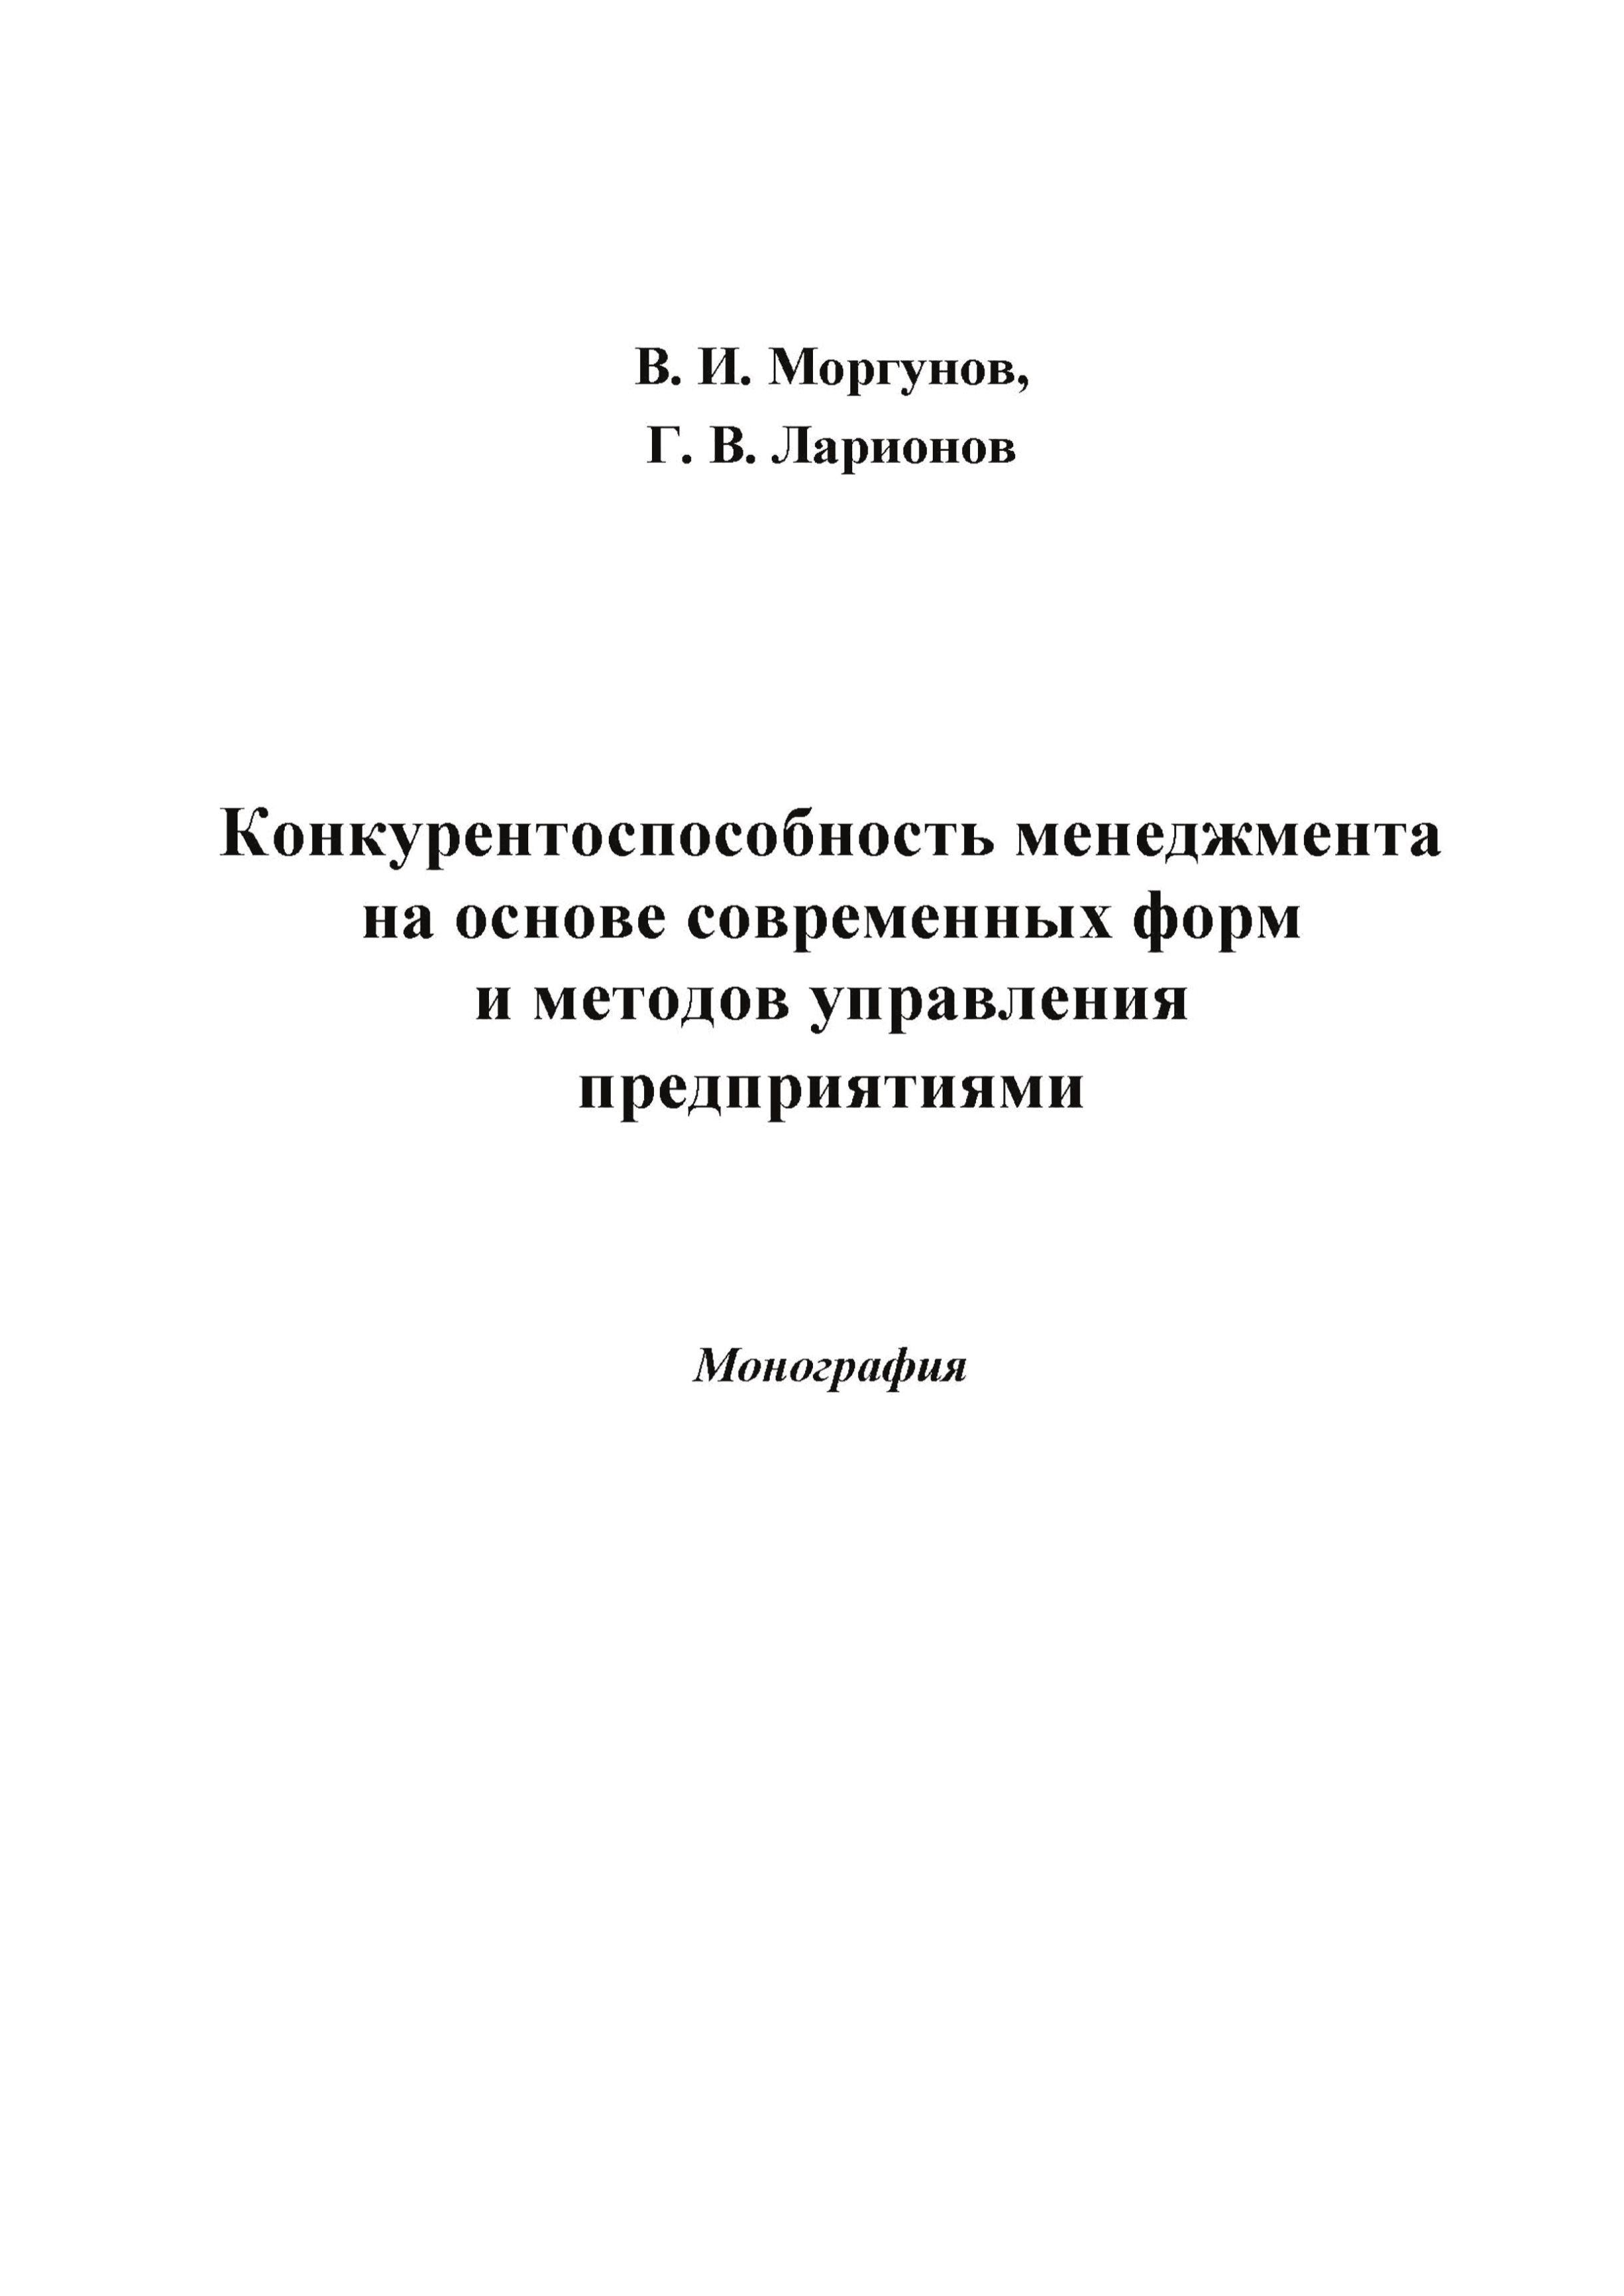 Вячеслав Моргунов Конкурентоспособность менеджмента на основе современных форм и методов управления предприятиями наталья лаврухина стоимостная концепция и оценочные технологии управления инновационными предприятиями